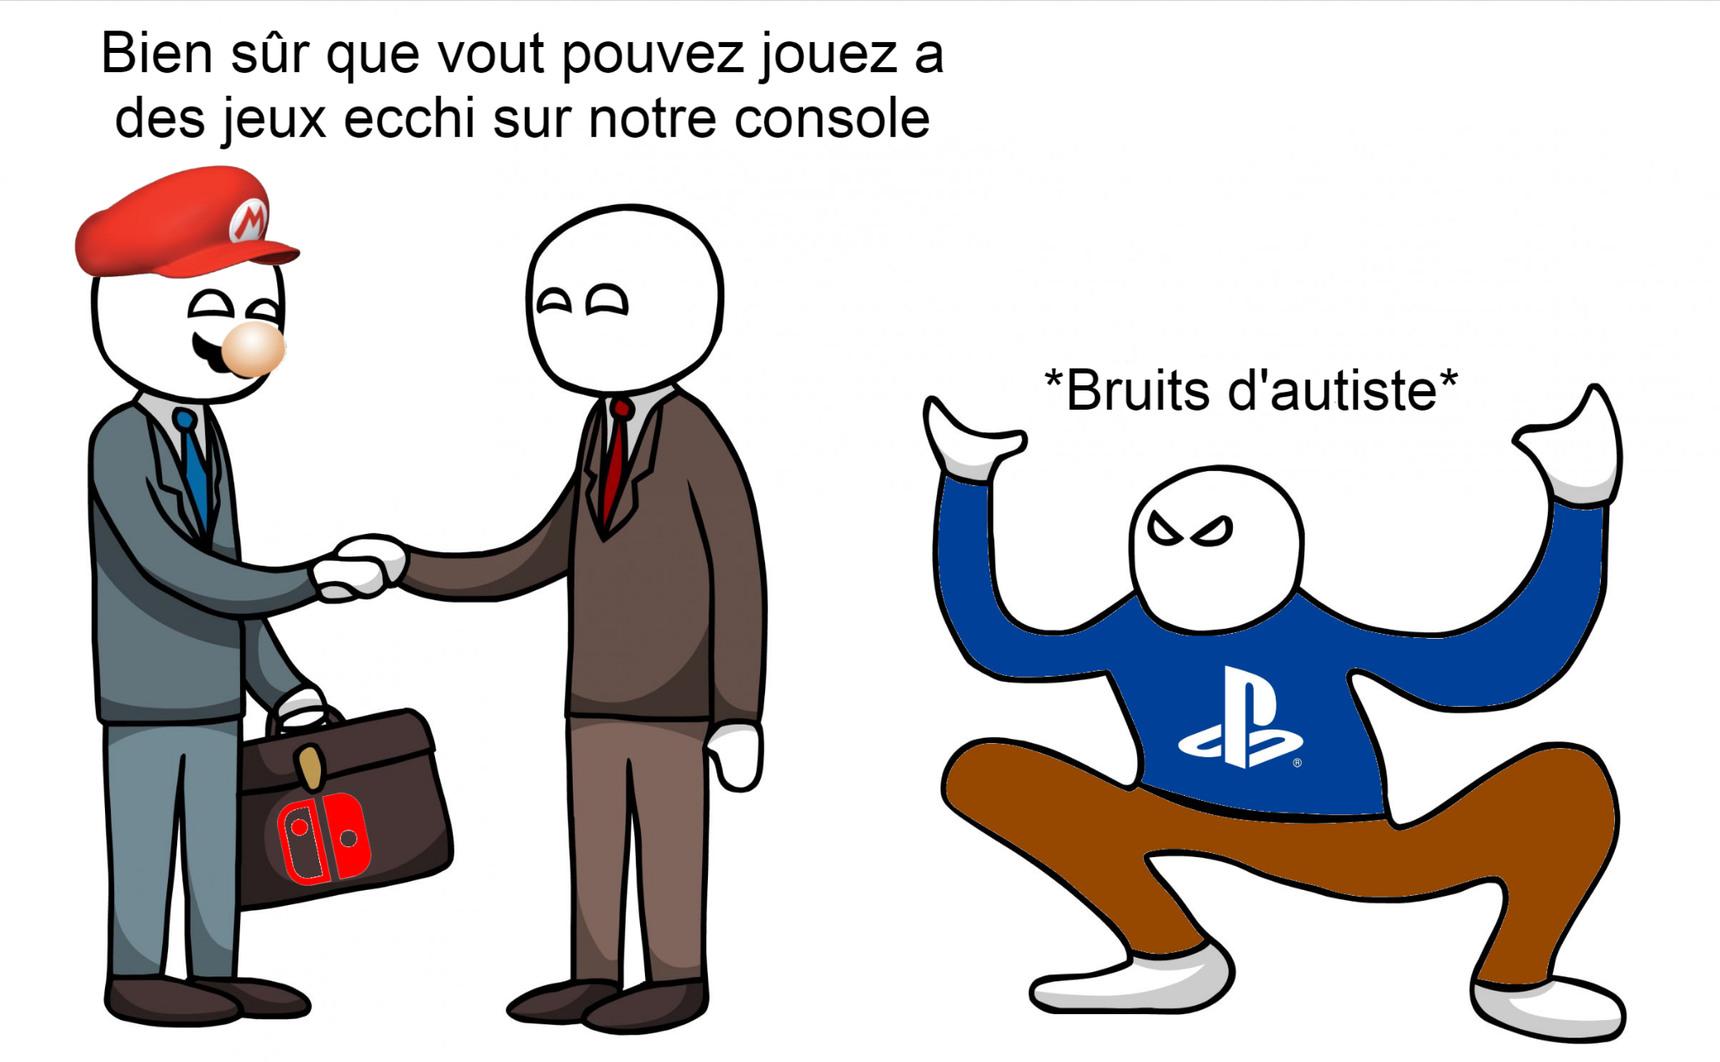 Disclaimer: Je ne traite pas les Joueurs PlayStation d'autistes, j'ai essayé de respecter un format de meme que je n'ai jamais vu en français, N'allez pas Faire la guerre des consoles en commentaires. Amicalement, CaptainDerp.